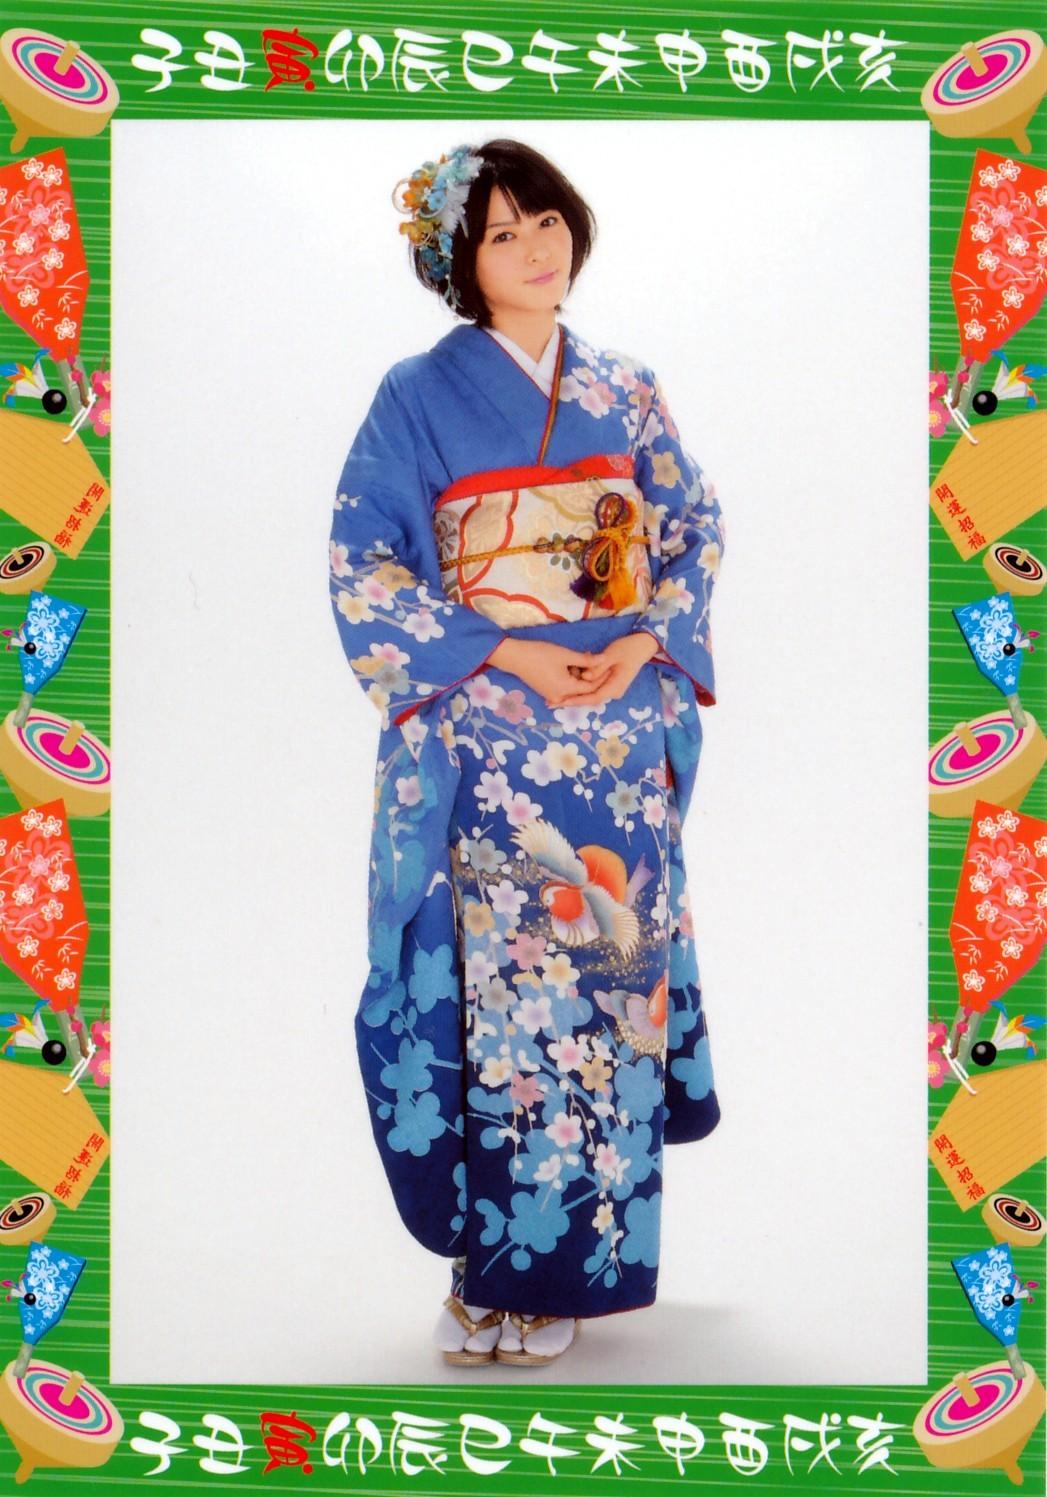 青地に花柄の晴れ着 矢島舞美 3 2021 済み